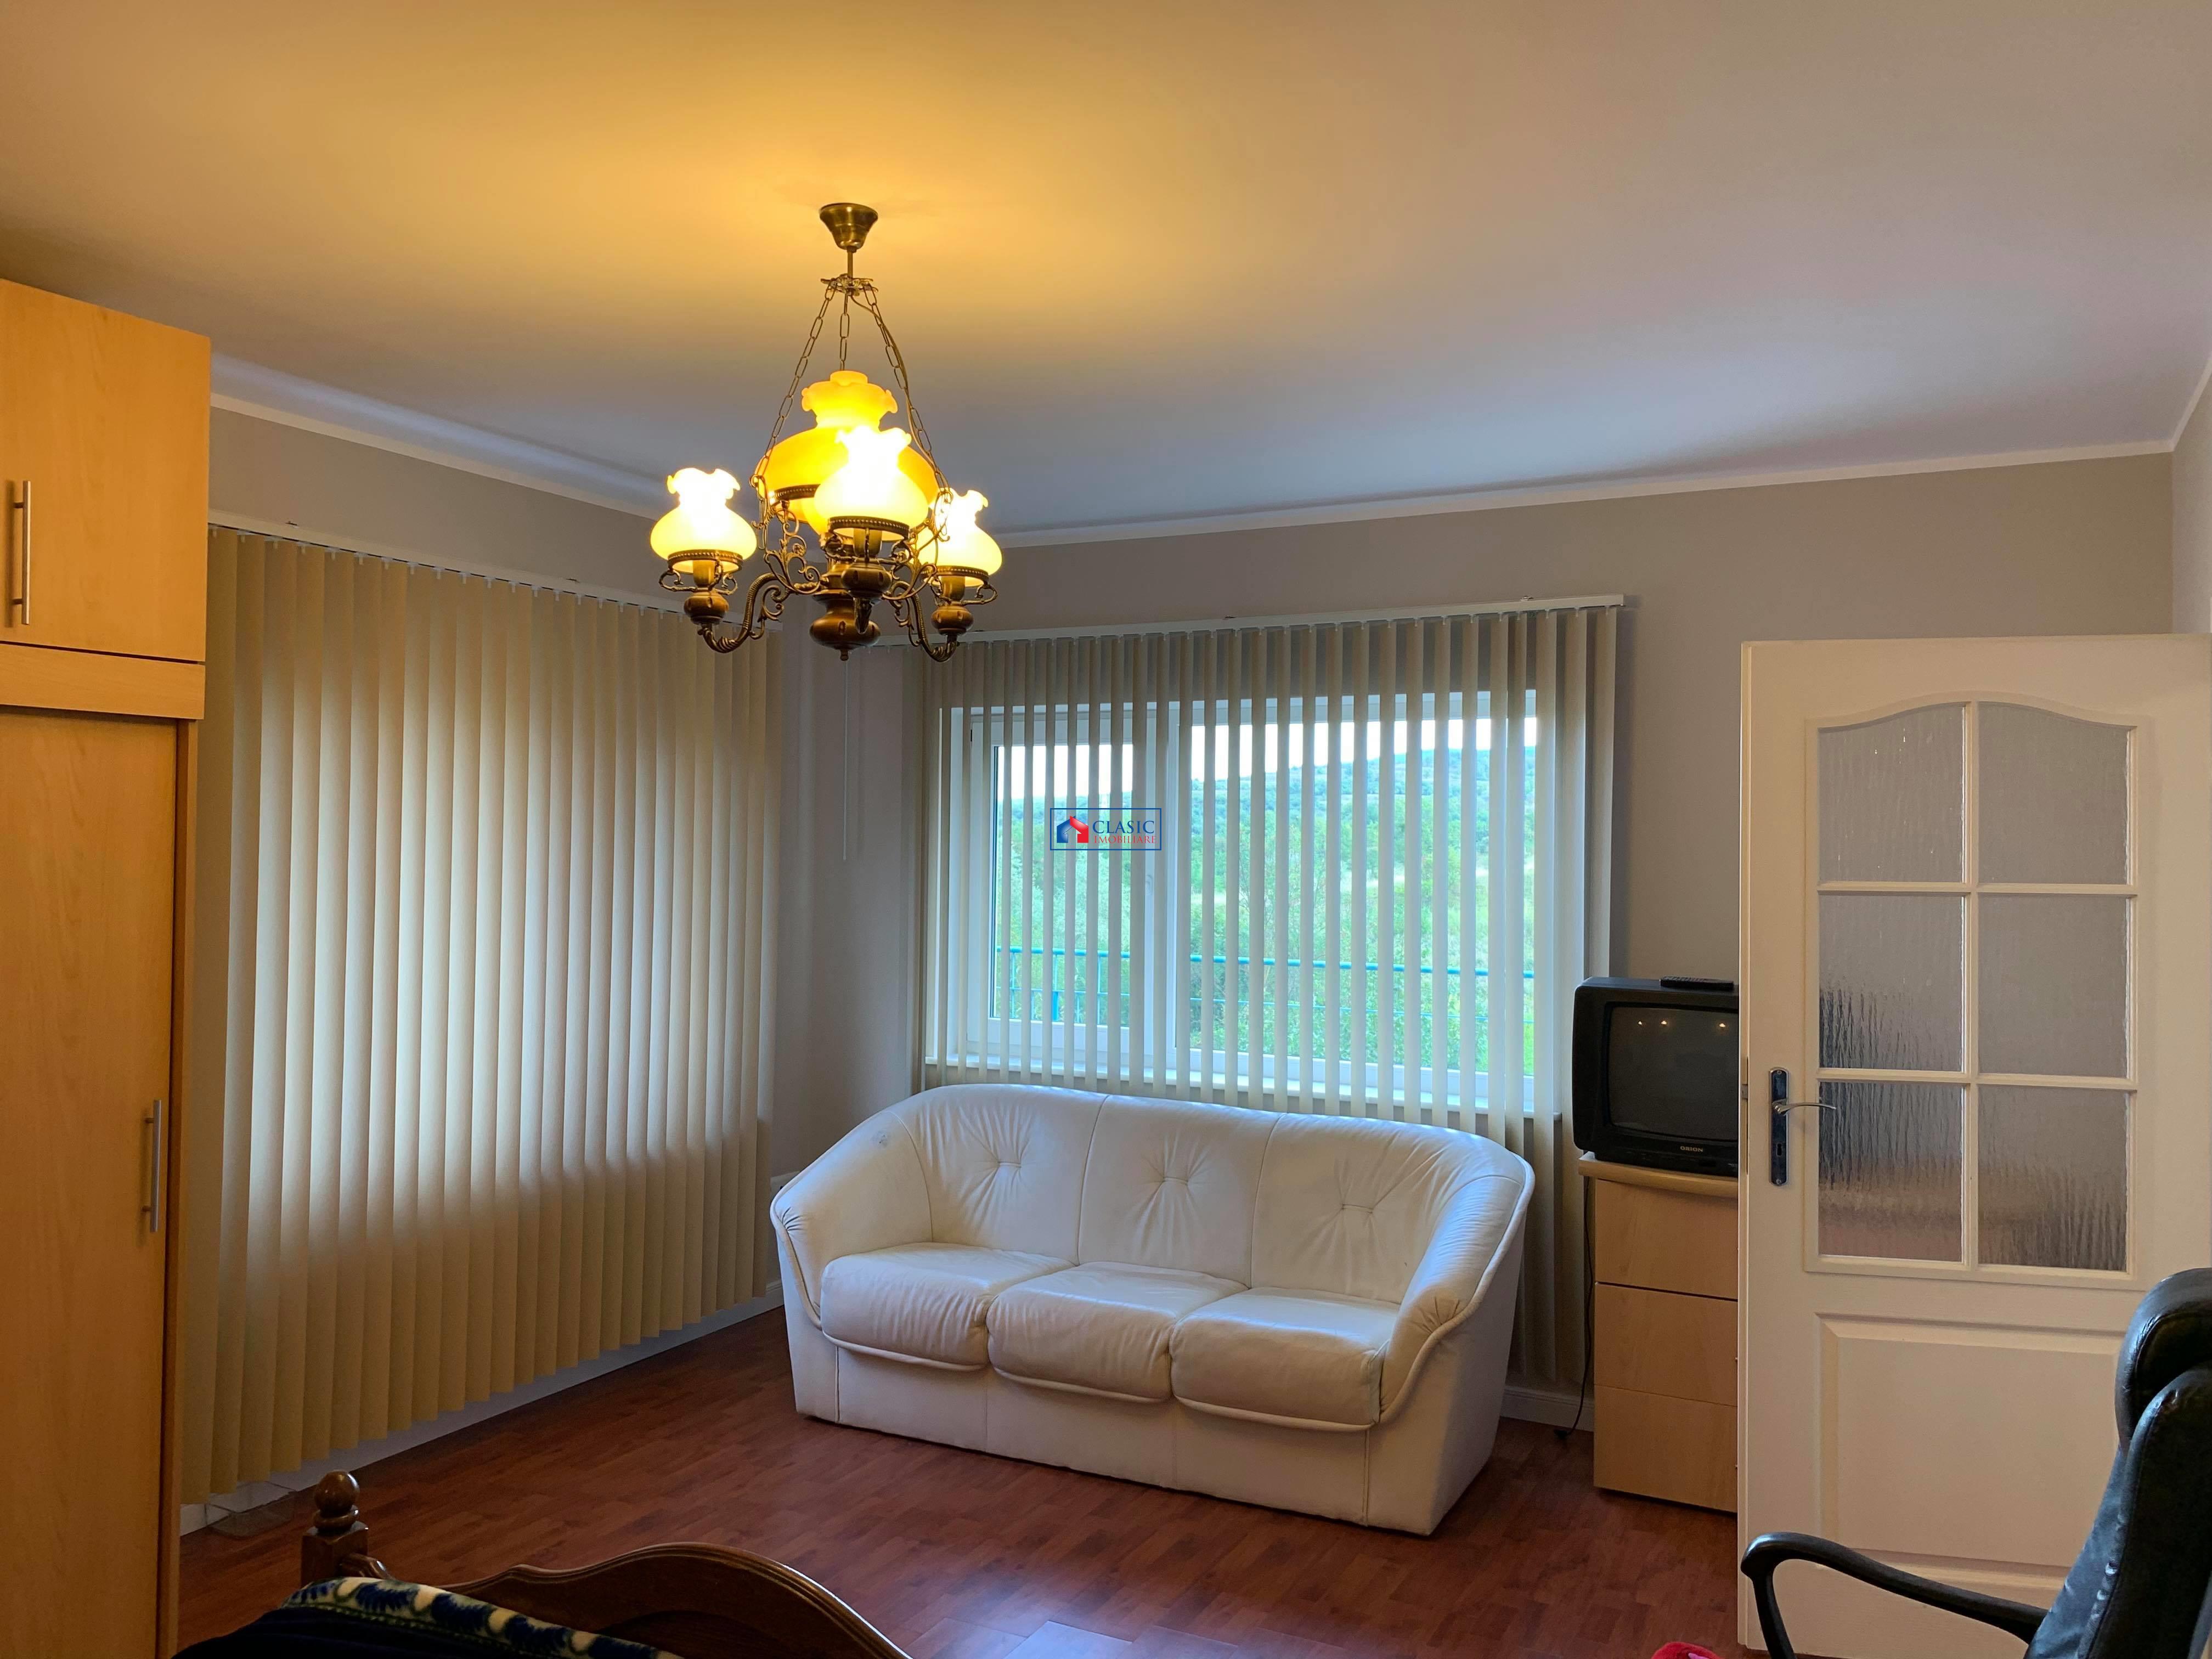 Inchiriere apartament 3 camere modern cu gradina in vila, in Buna Ziua